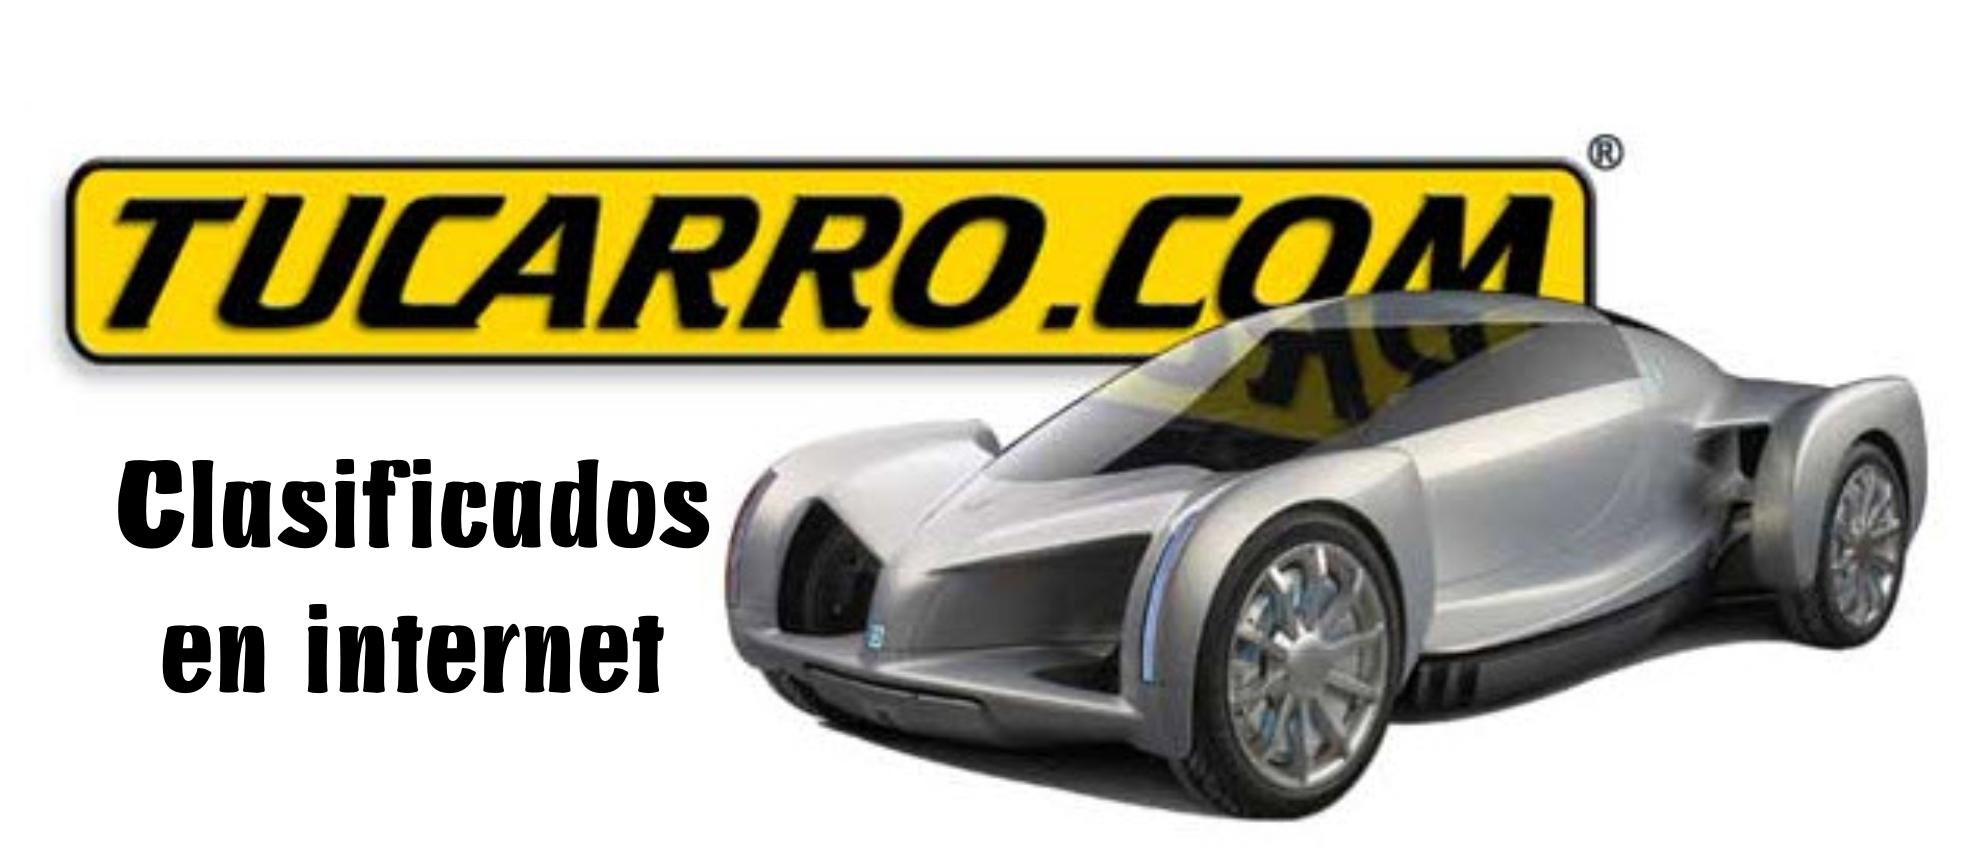 Tu carro, Clasificados en internet